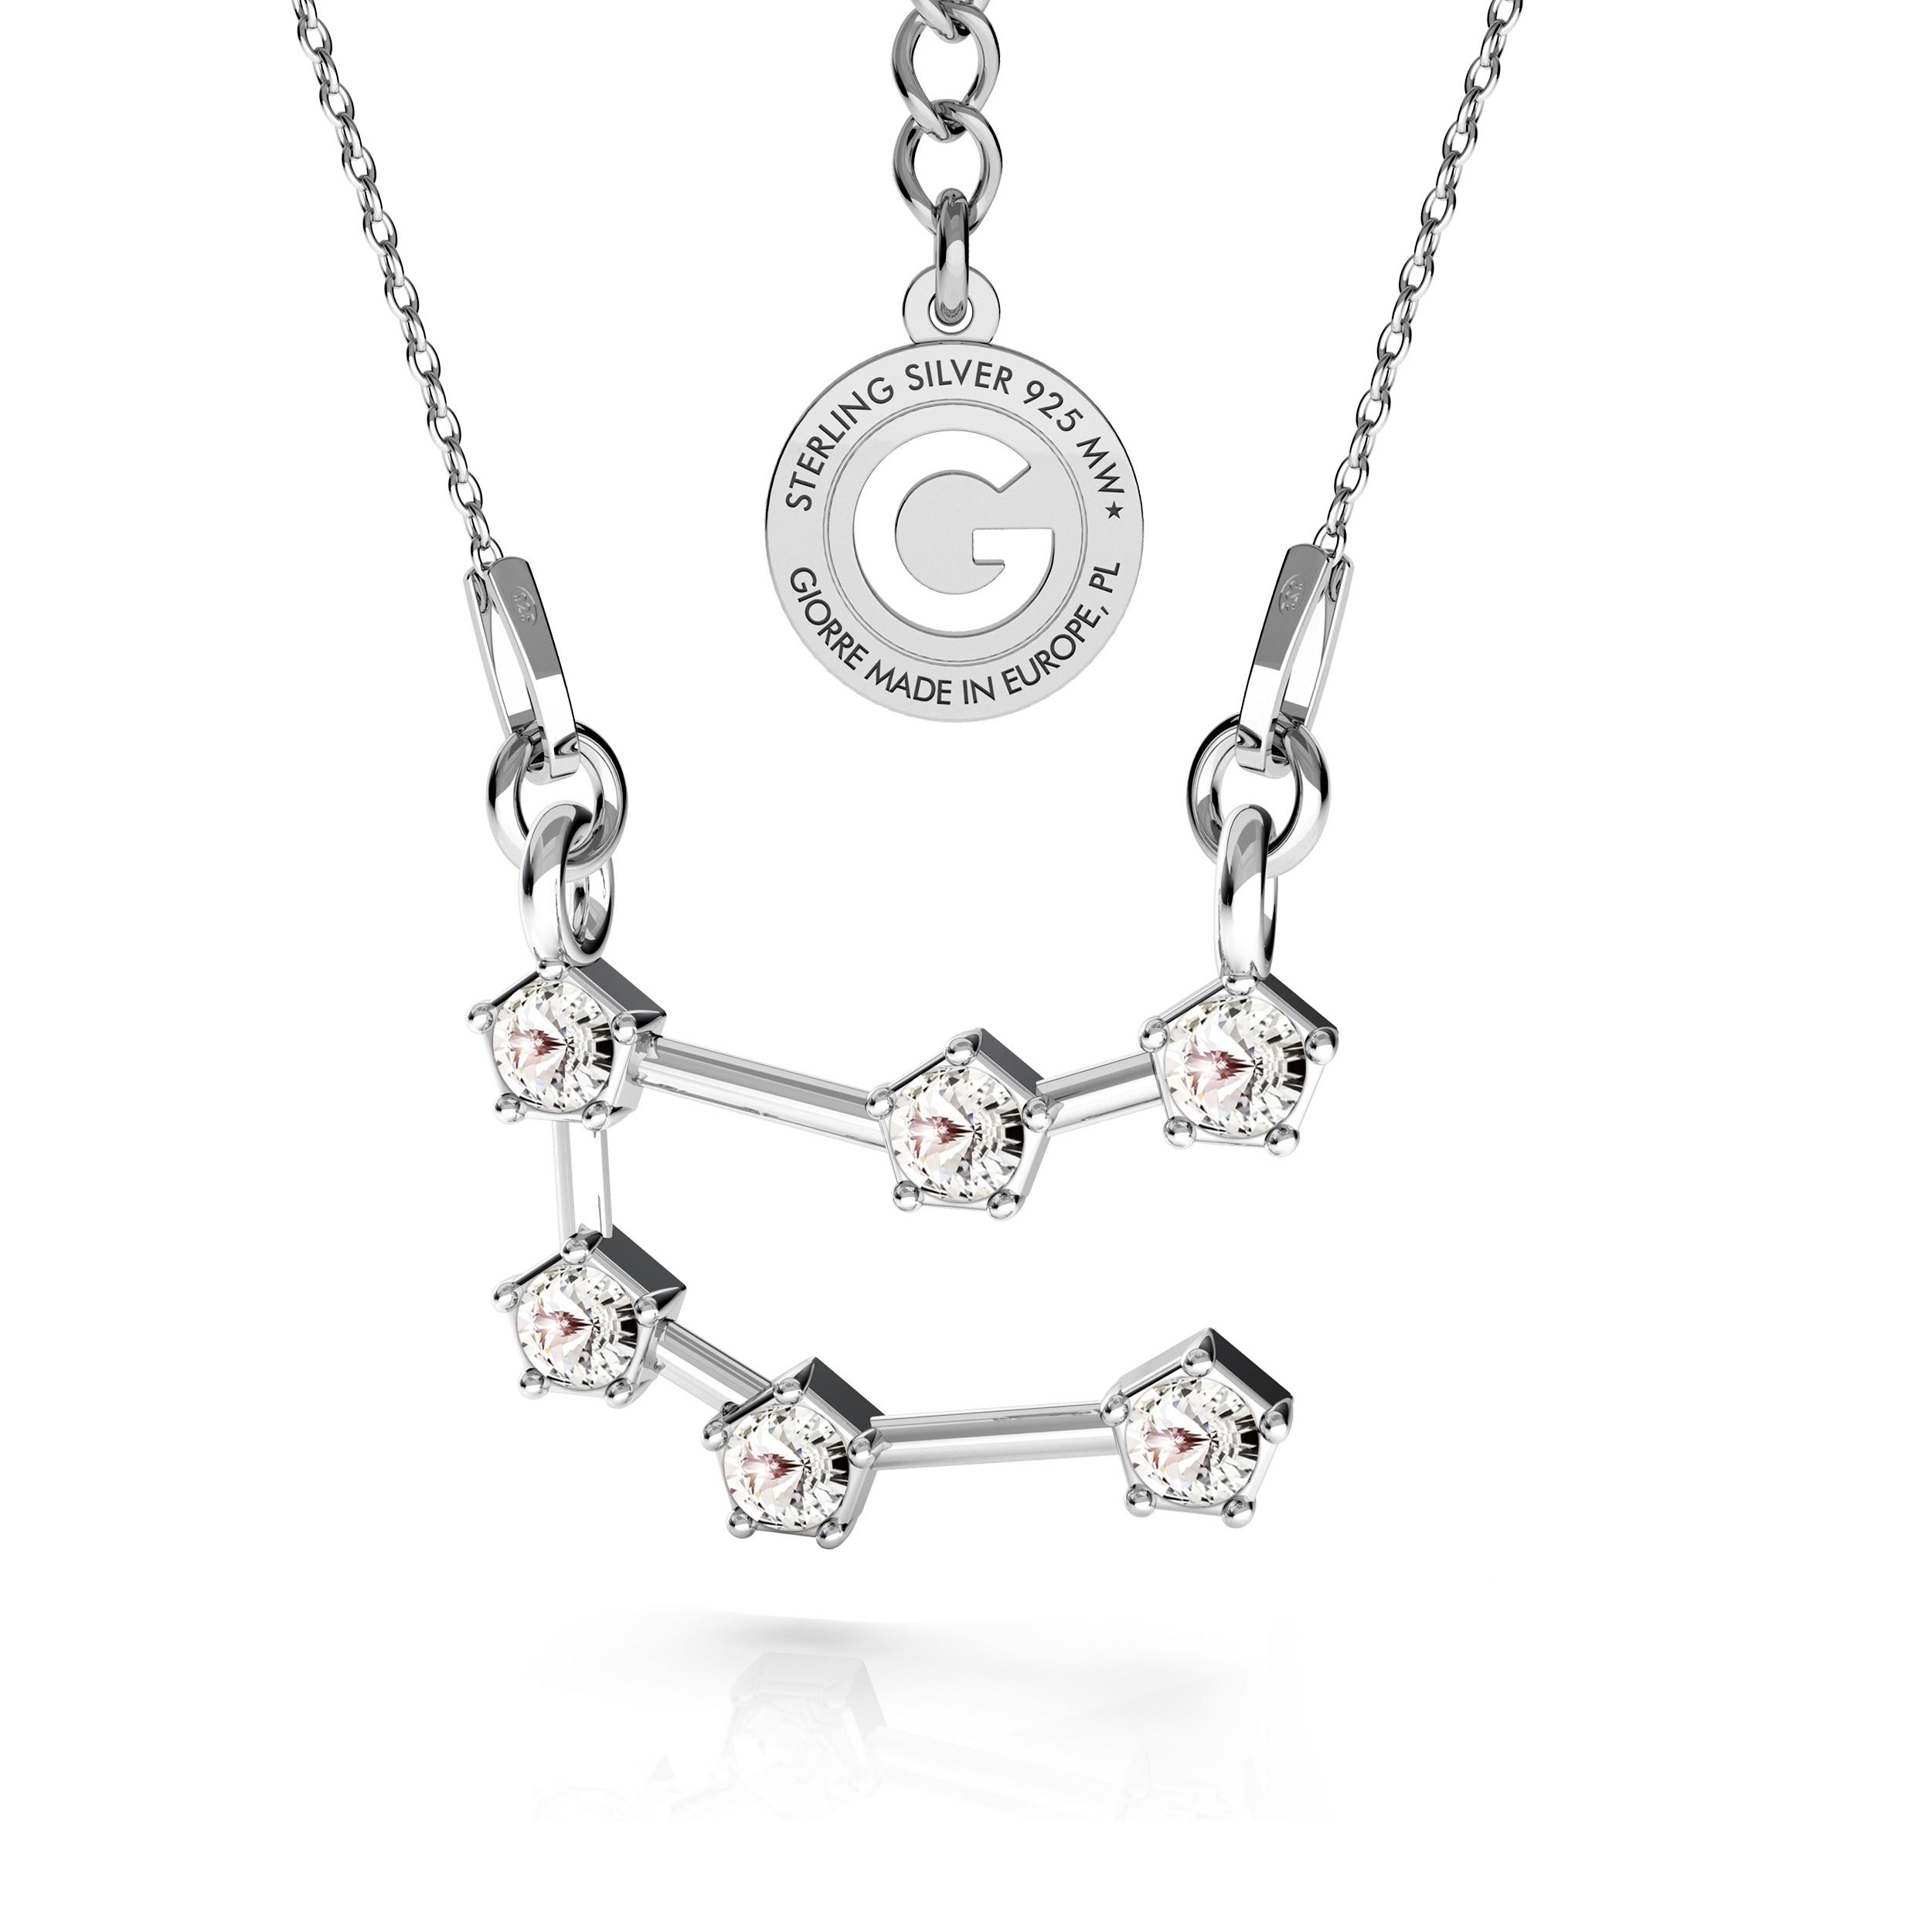 BLIŻNIĘTA srebrny naszyjnik zodiak z kryształami Swarovskiego 925